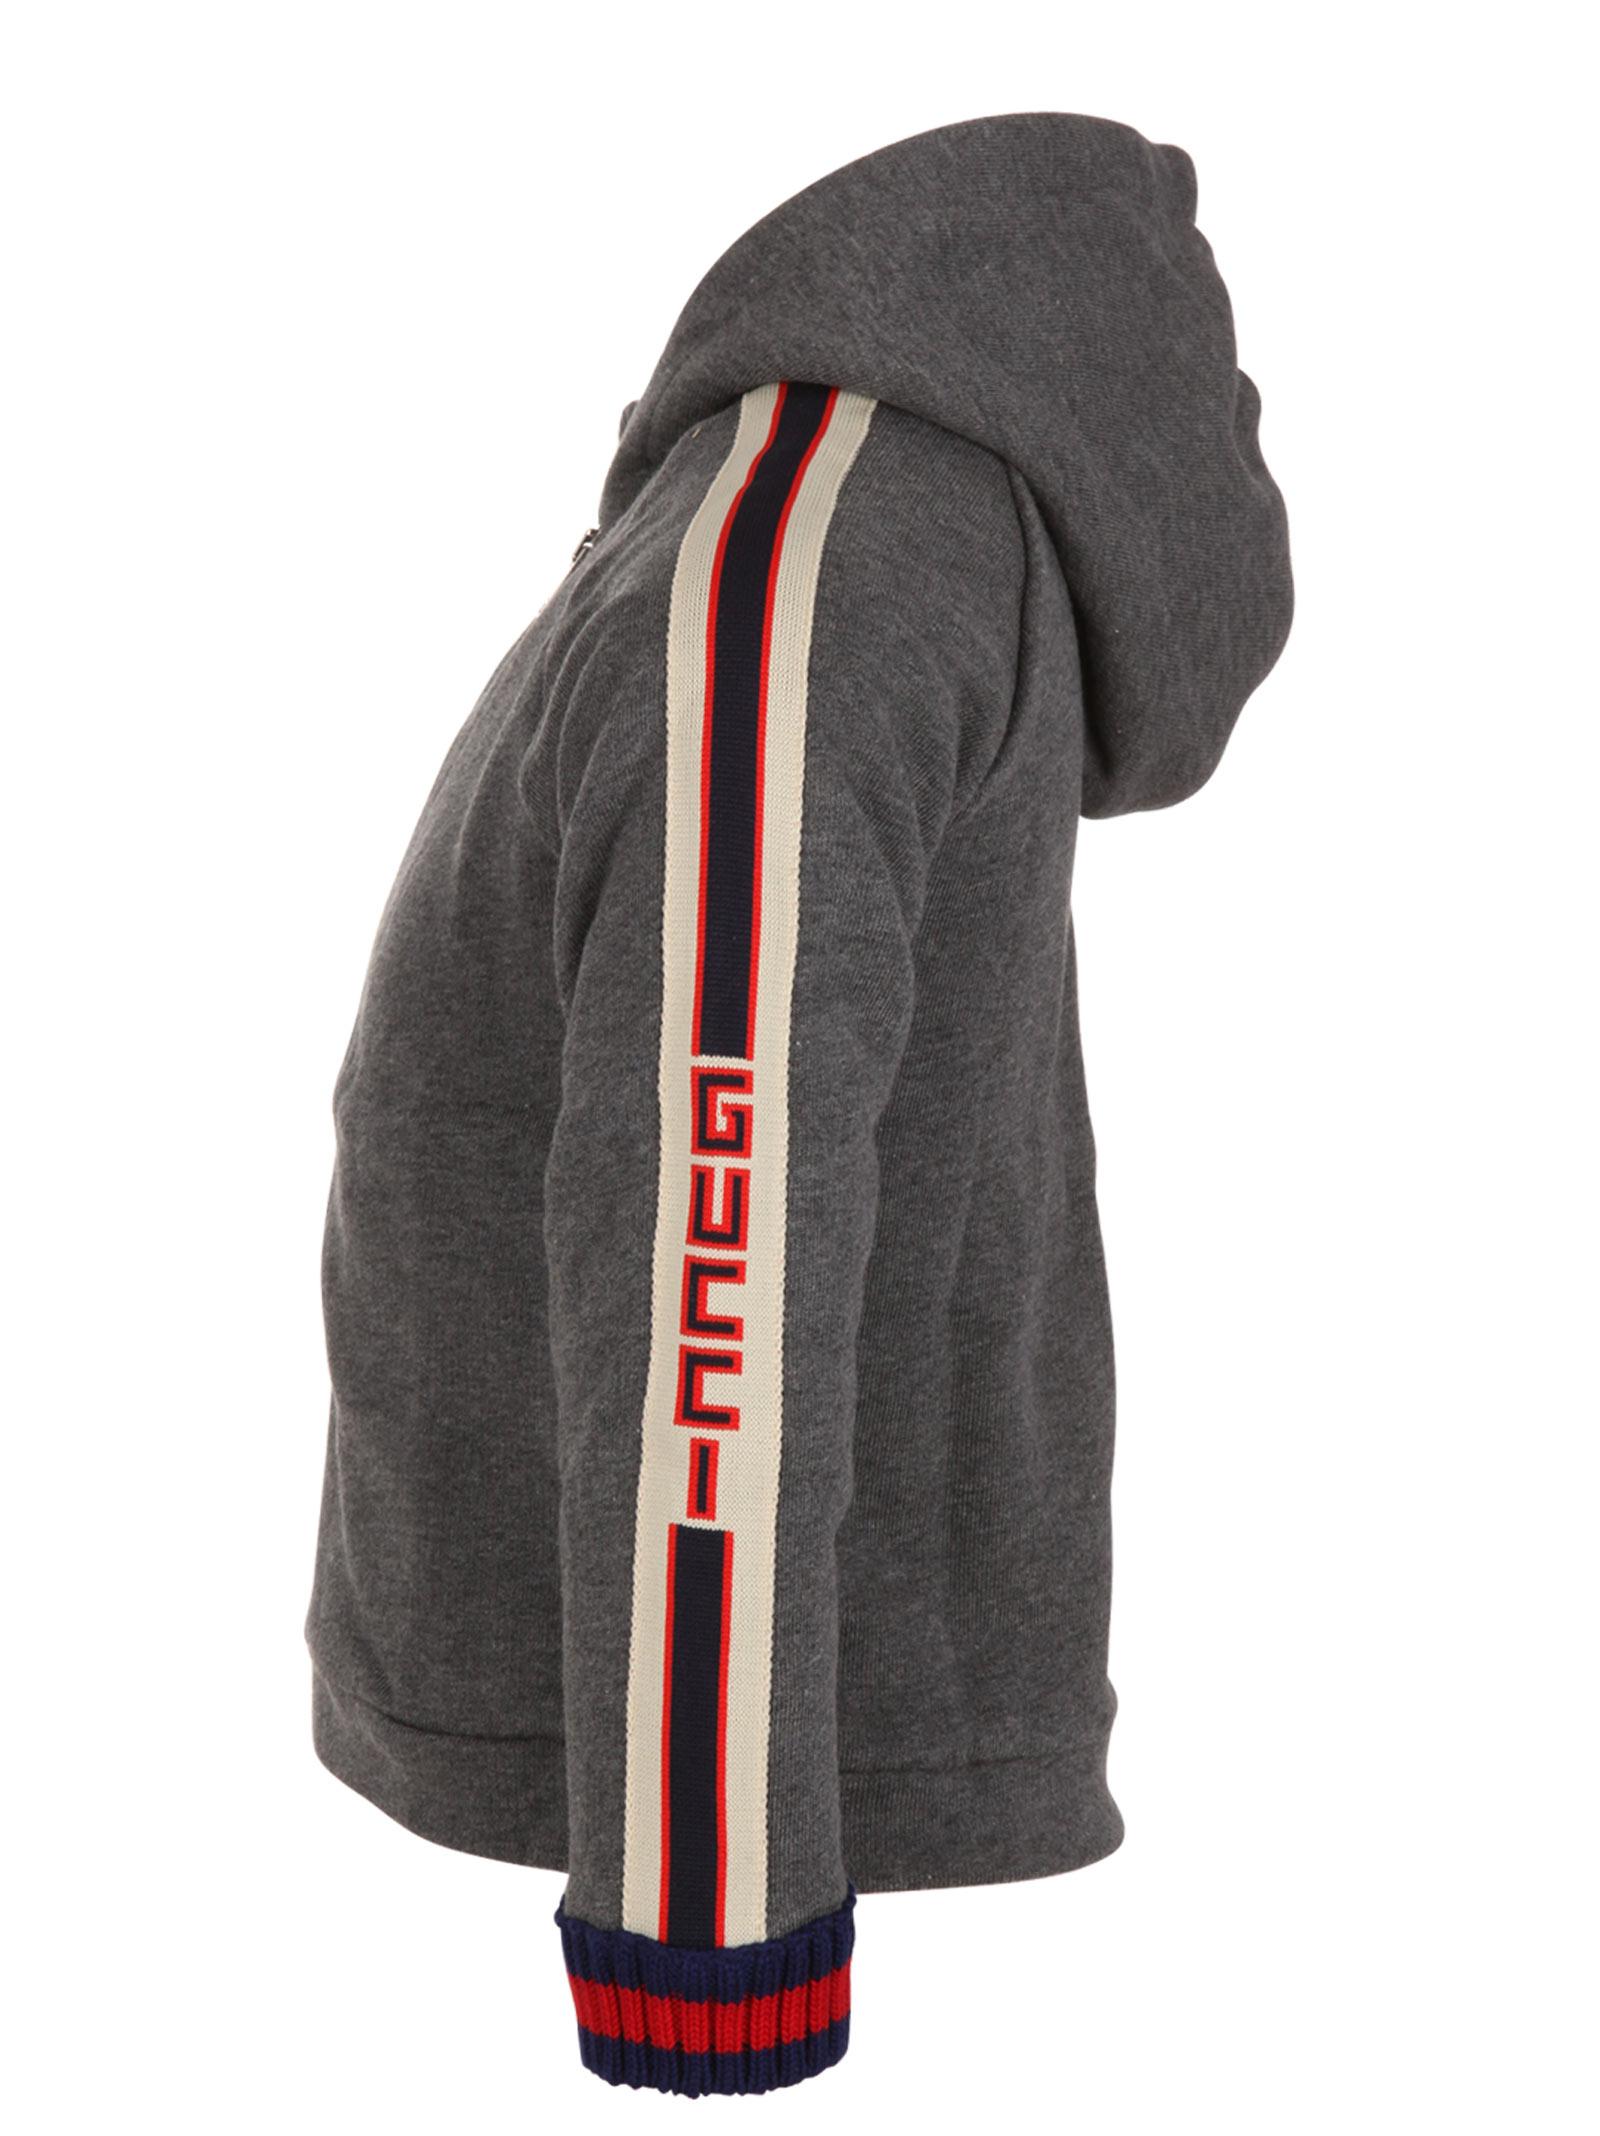 d09e259c3 Gucci Junior sweatshirt - Gucci Junior - Michele Franzese Moda